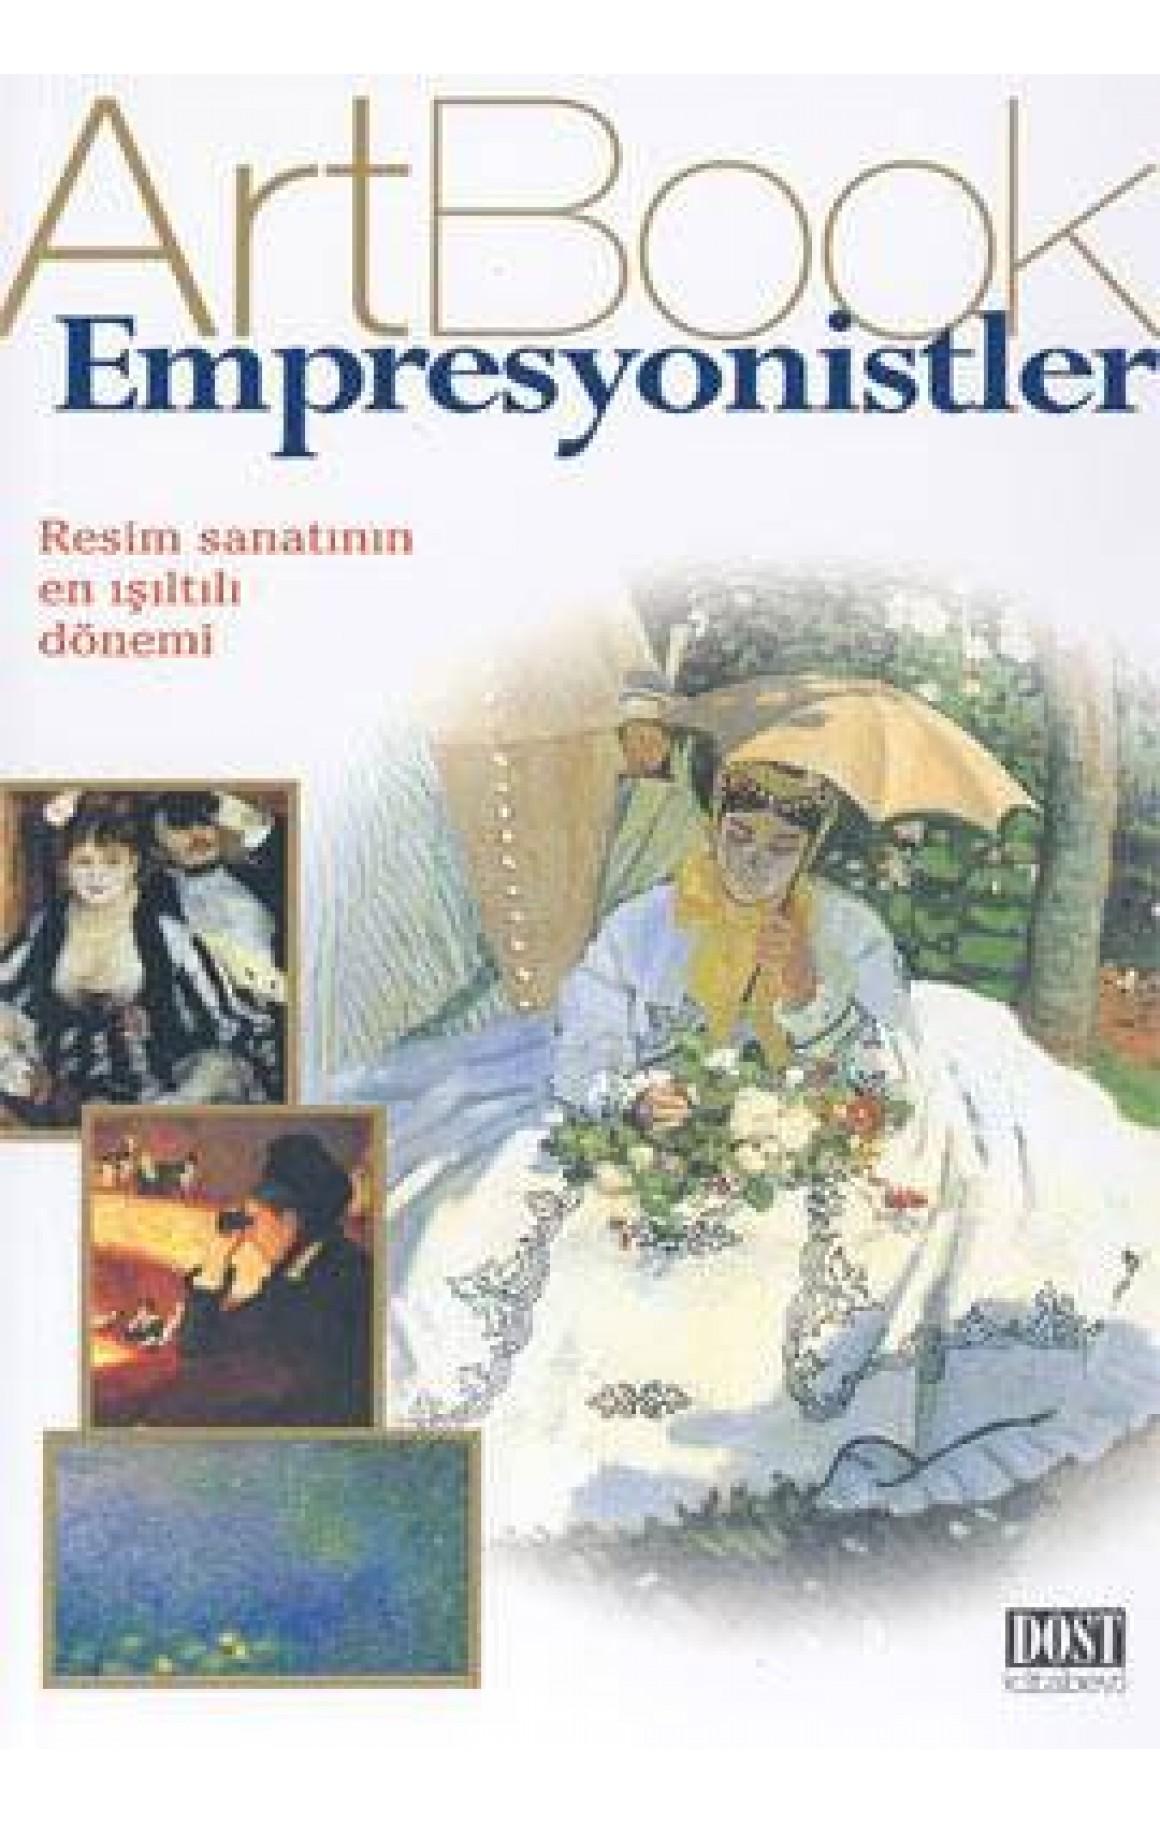 Art Book-Empresyonistler